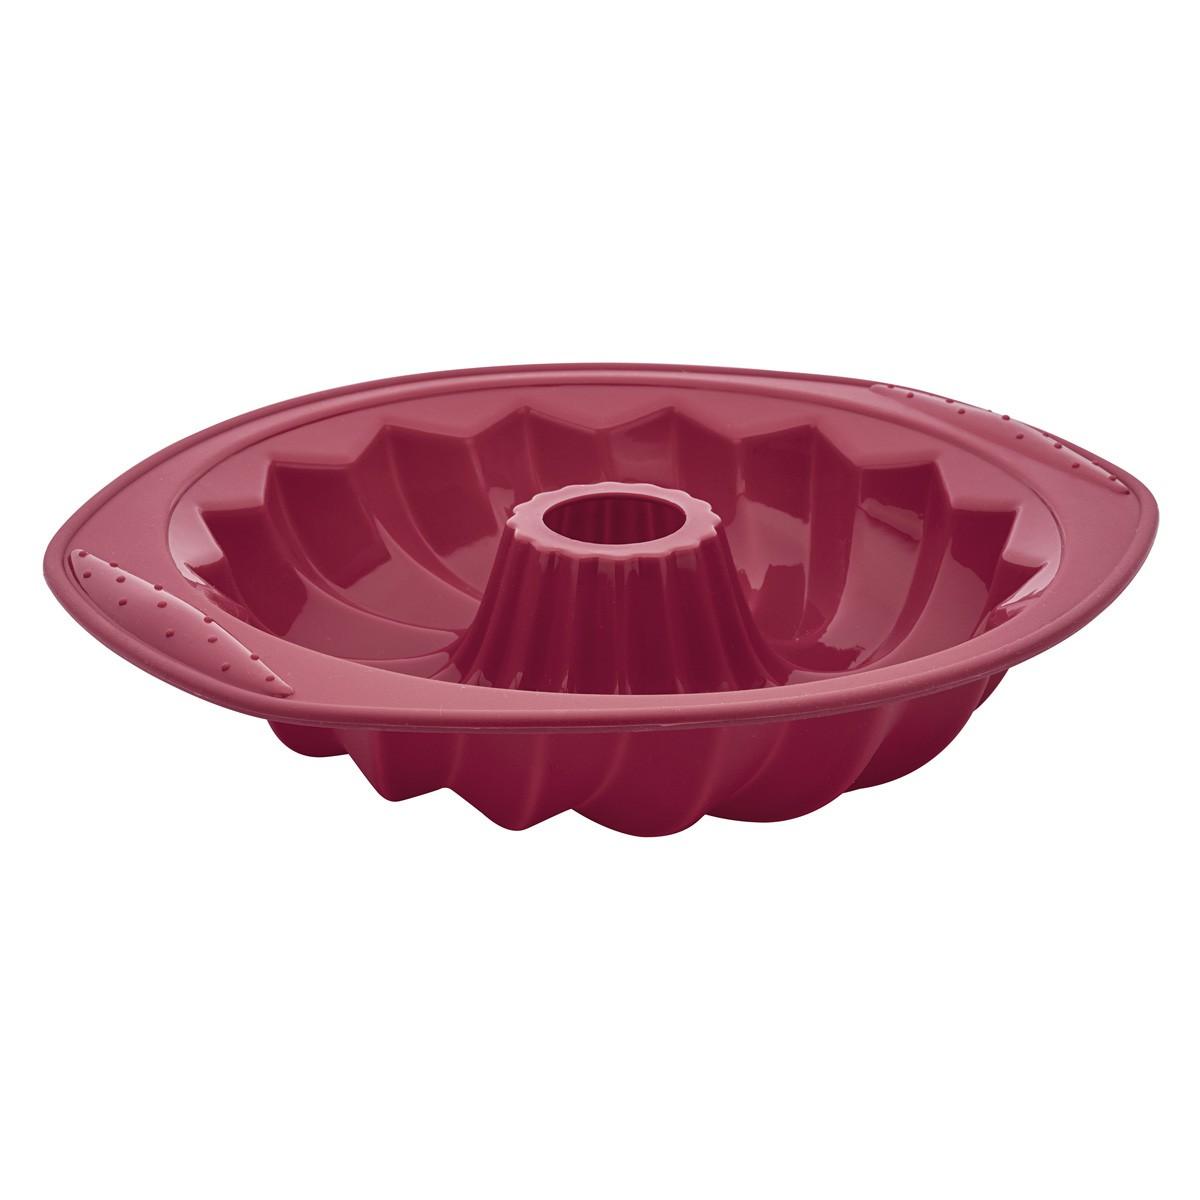 Forma Assadeira 31Cm para Pudim de Silicone Flexível Vermelha